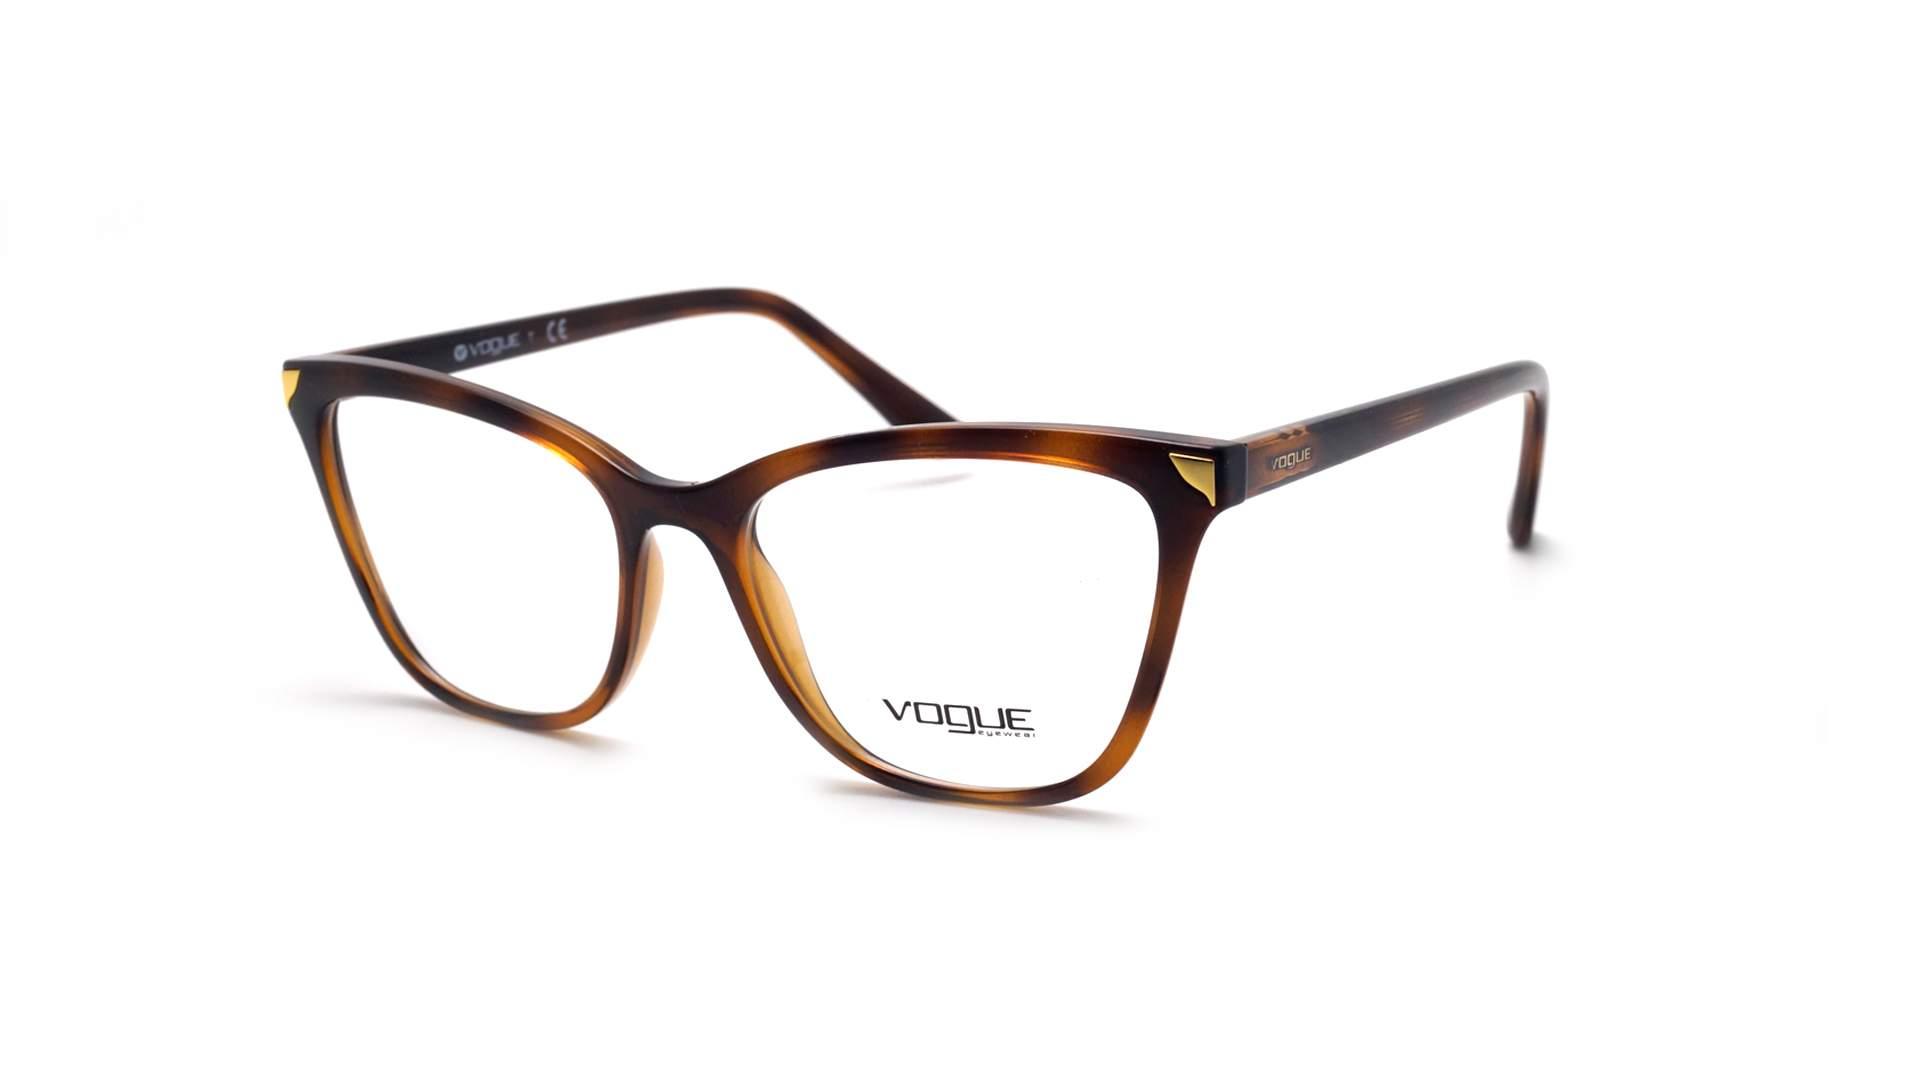 5779b3c867c Brillen Vogue Metallic Beat Schale VO5206 2386 53-17 Medium